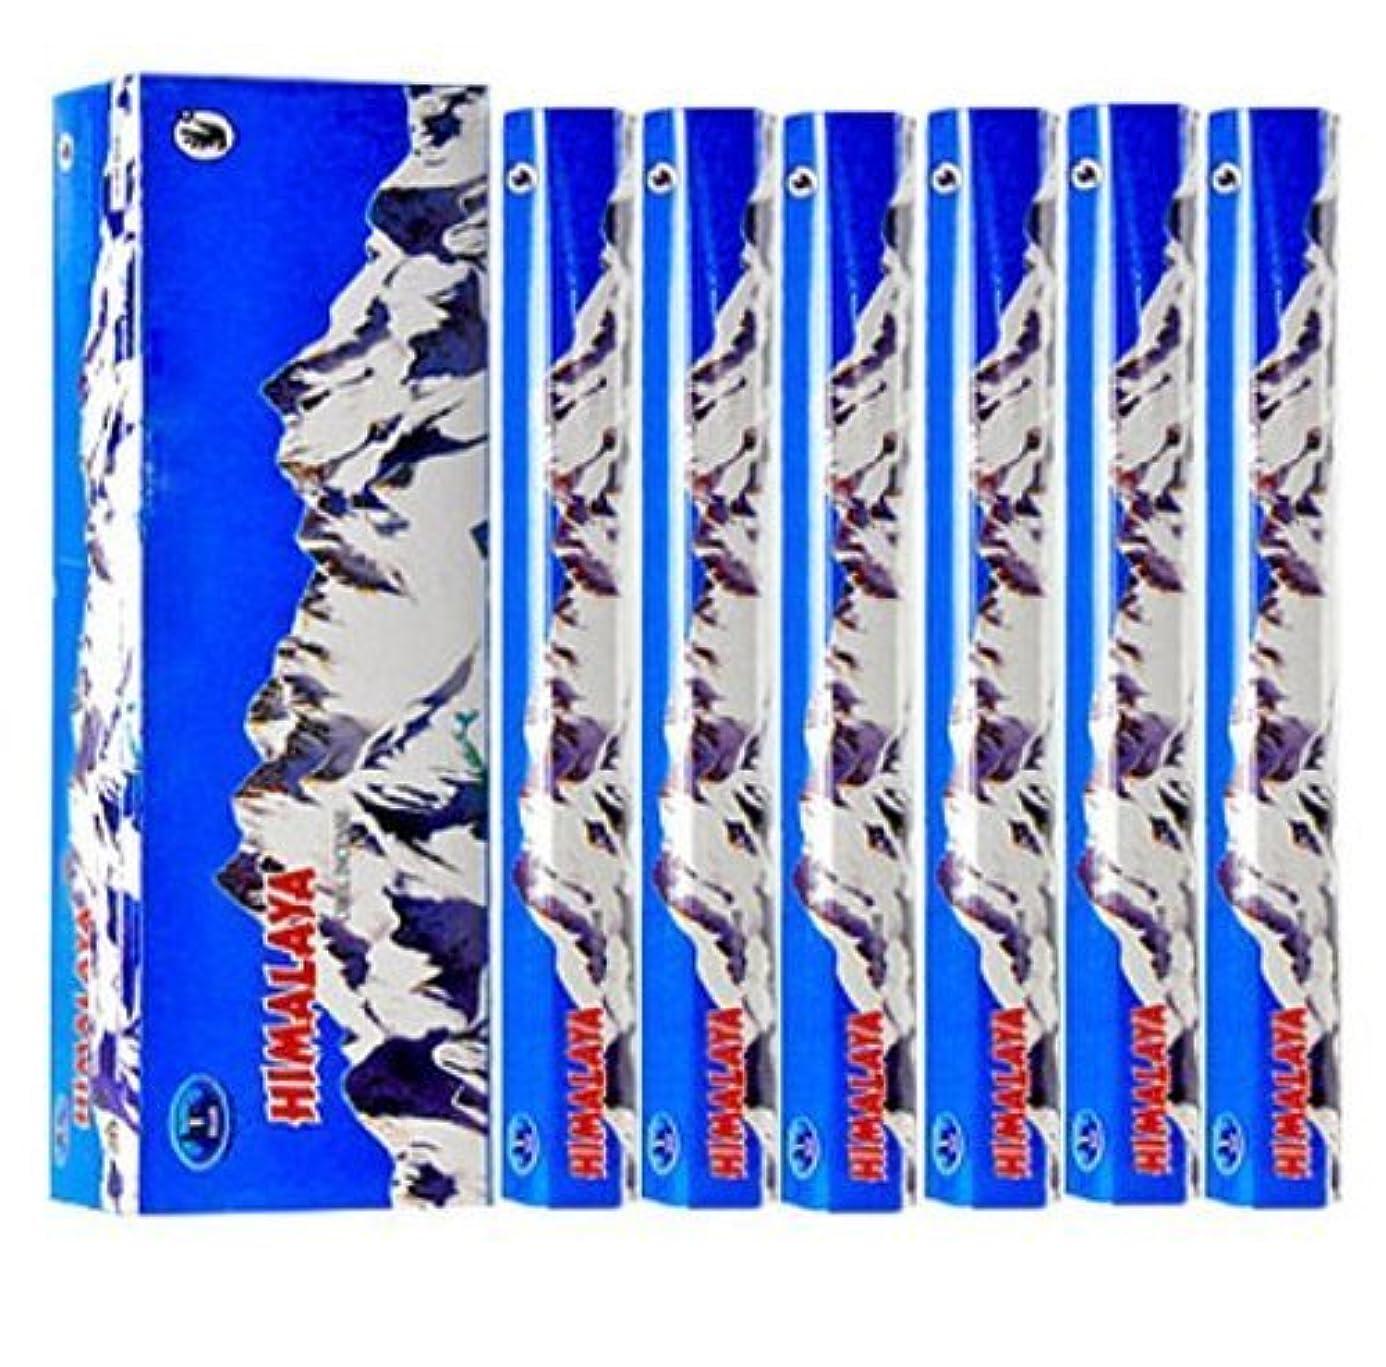 Himalaya – 120 Sticksボックス – Bic Incense